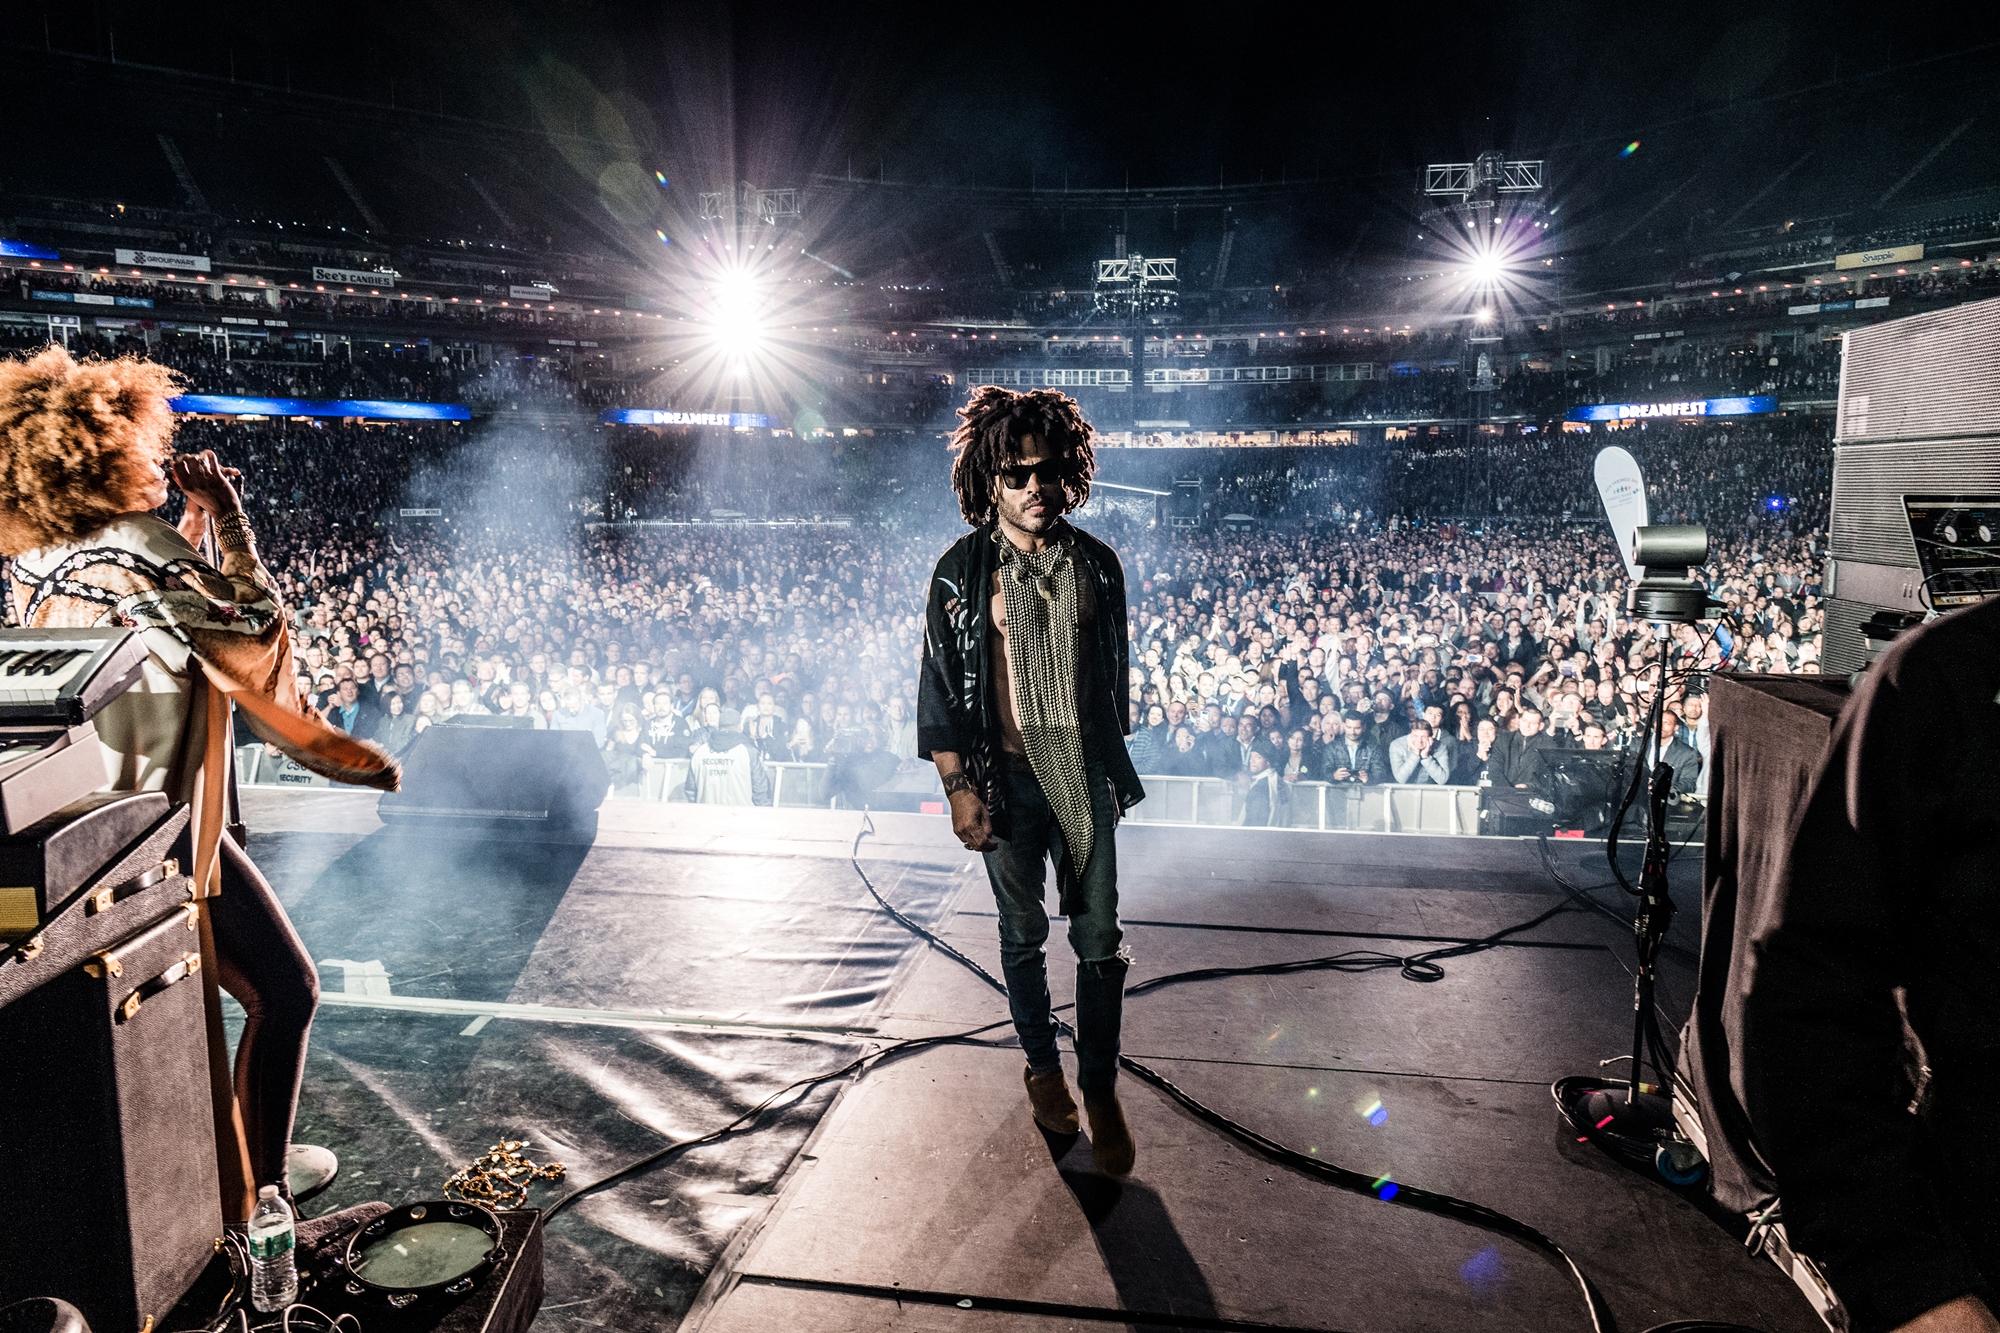 Lenny Kravitz ogłasza trasę koncertową po Europie. Artysta zagra w Krakowie!